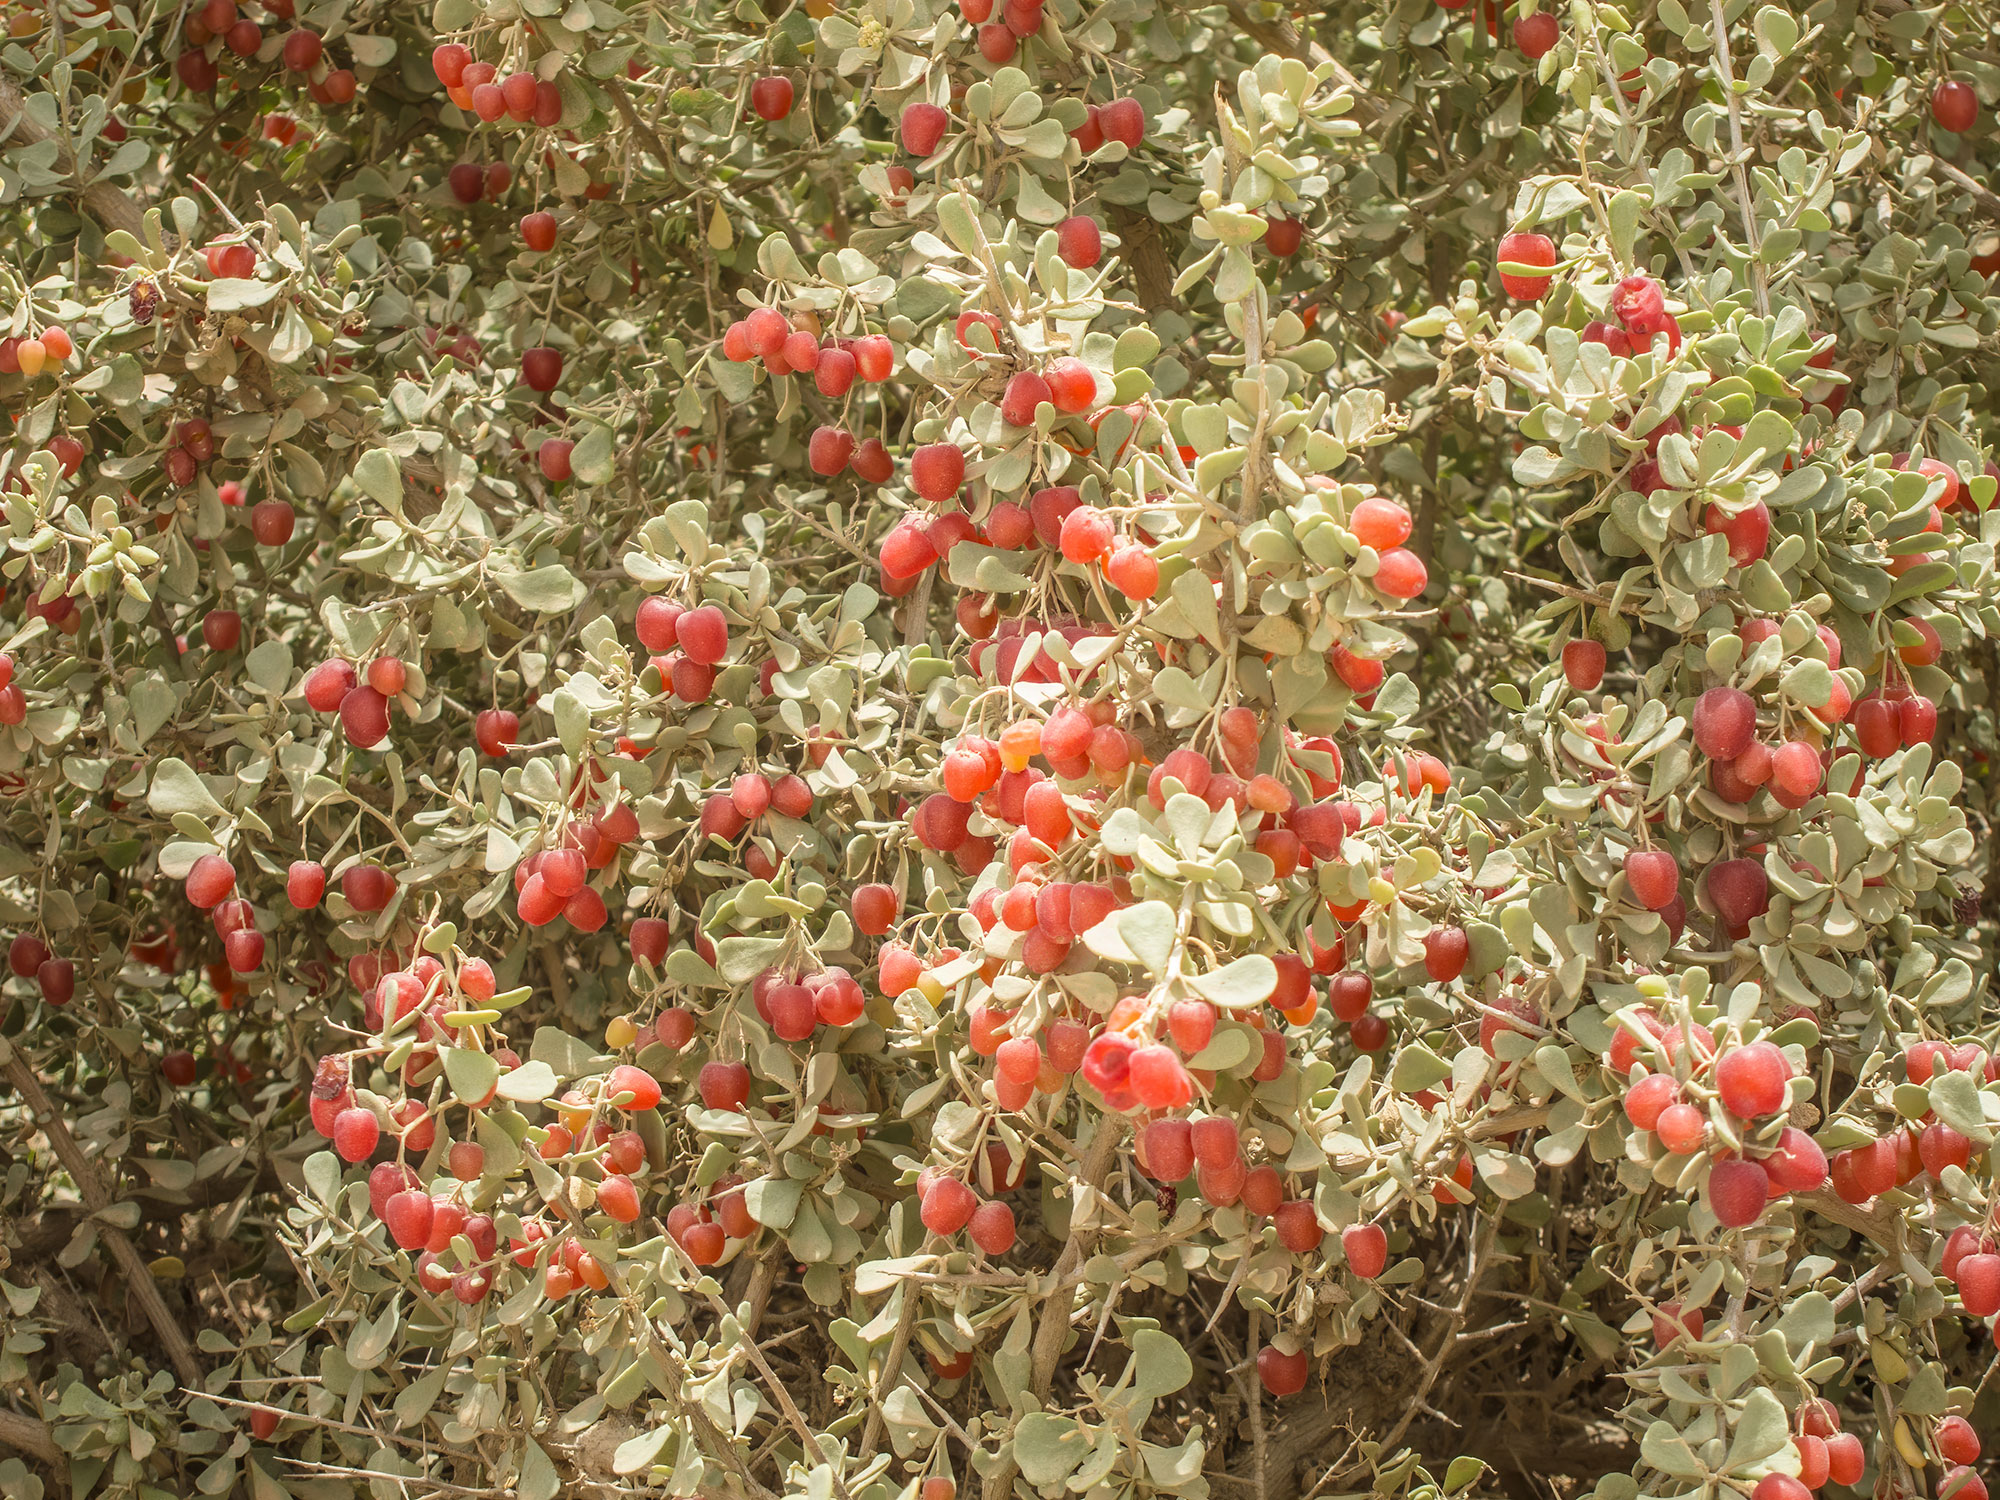 Nitraria retusa bush